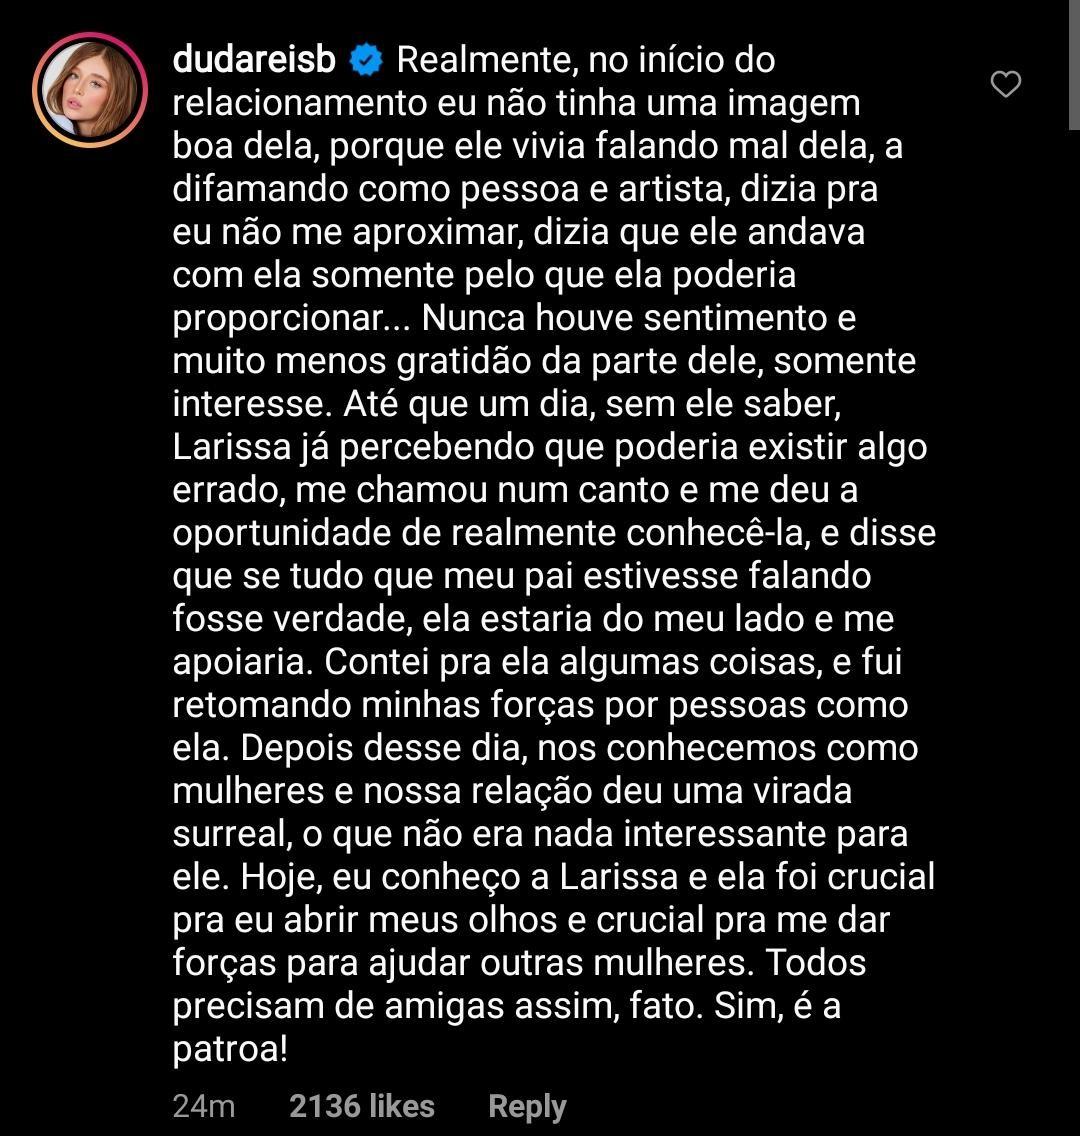 Duda Reis fala sobre Anitta (Foto: Reprodução/Instagram)